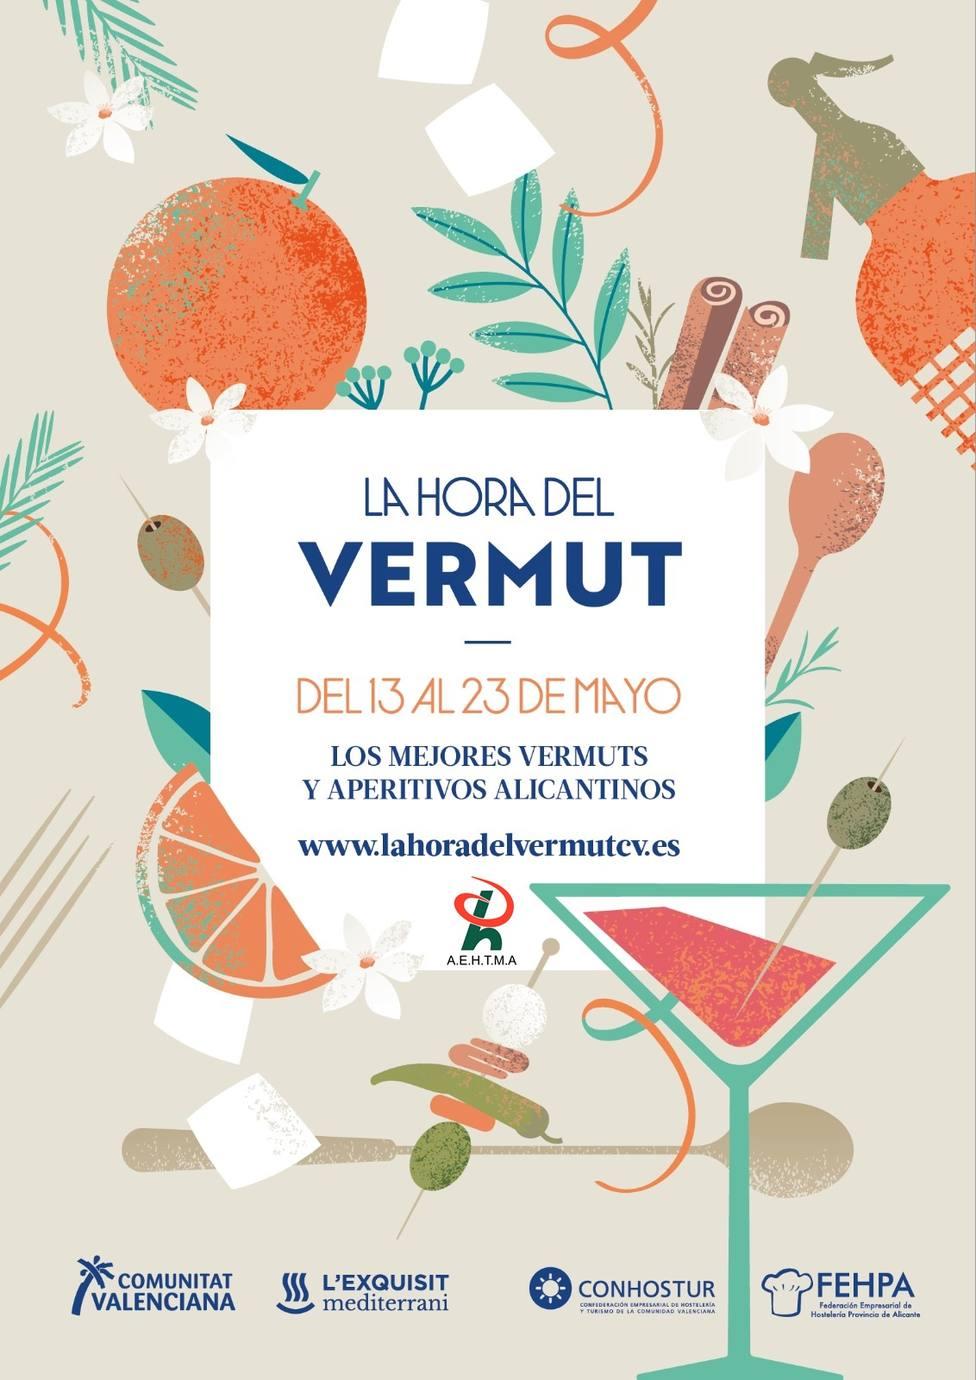 ctv-3u5-cartel-hora-del-vermut-alicante-logo-aehtma-1